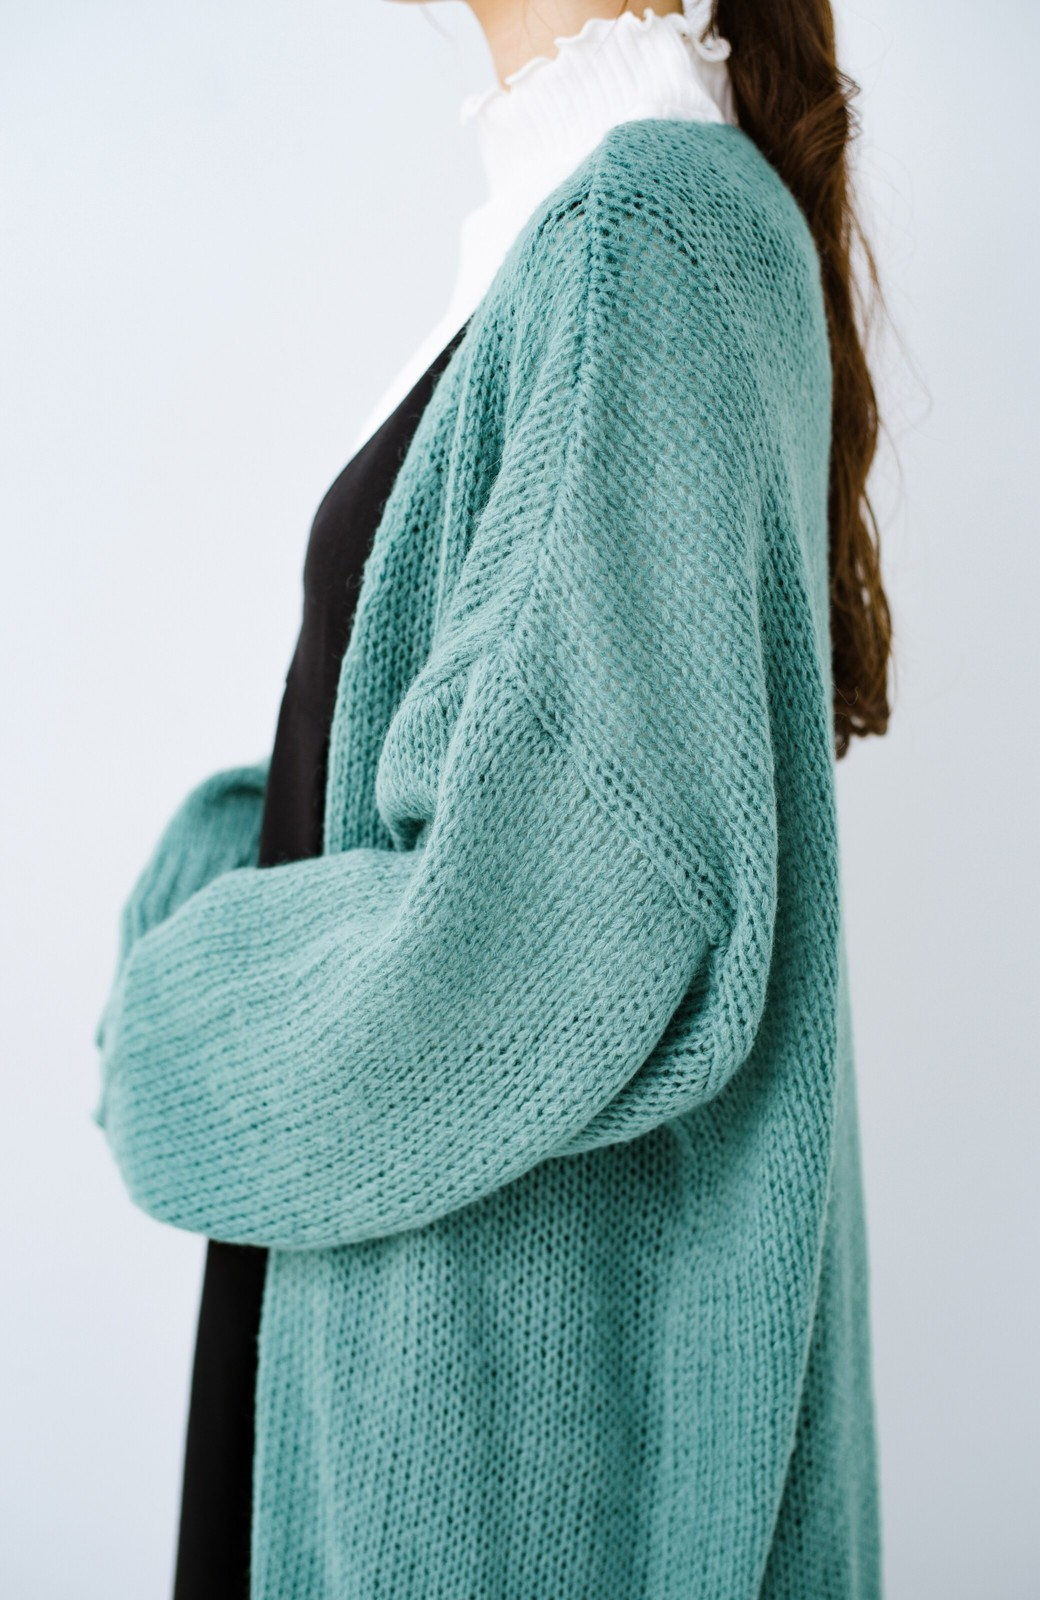 haco! ゆるゆるゆる編みで軽やかにかわいくなれる 前後ろ2WAYカーディガン <ミント>の商品写真11